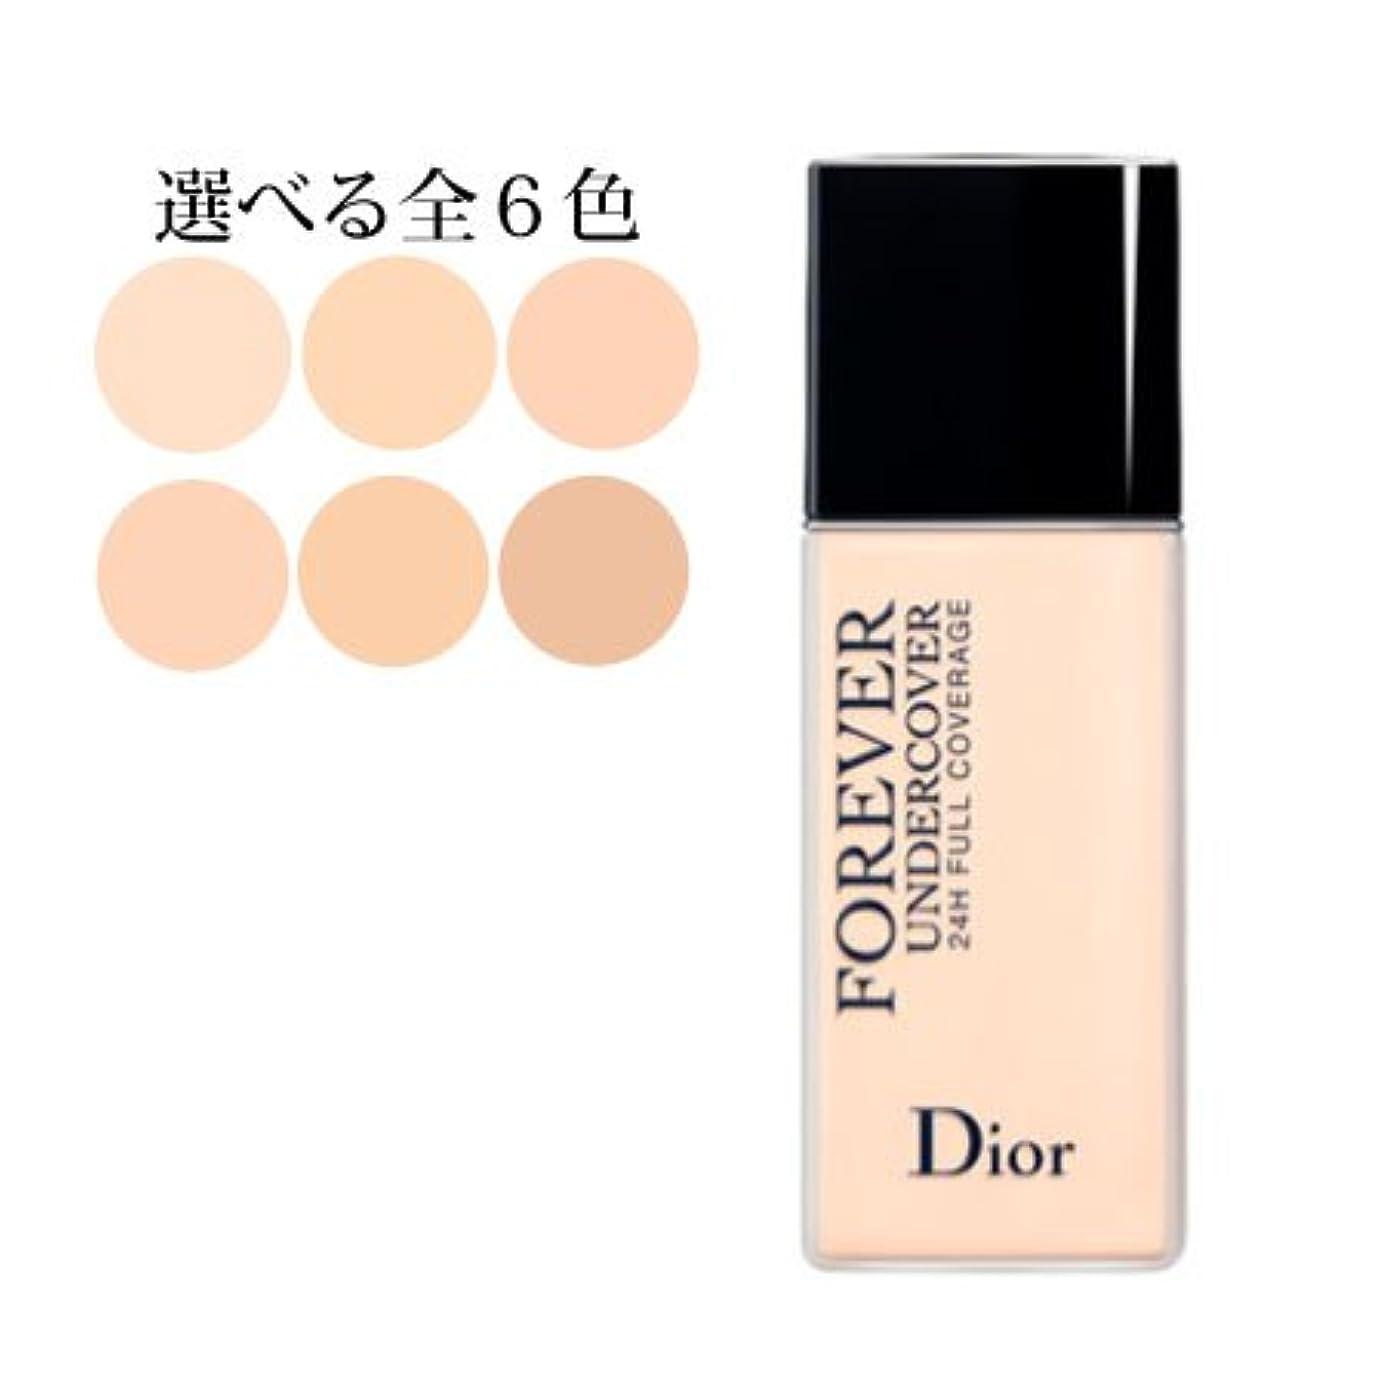 鳴らすコンピューター手荷物ディオールスキン フォーエヴァー アンダーカバー 選べる6色 -Dior- 020